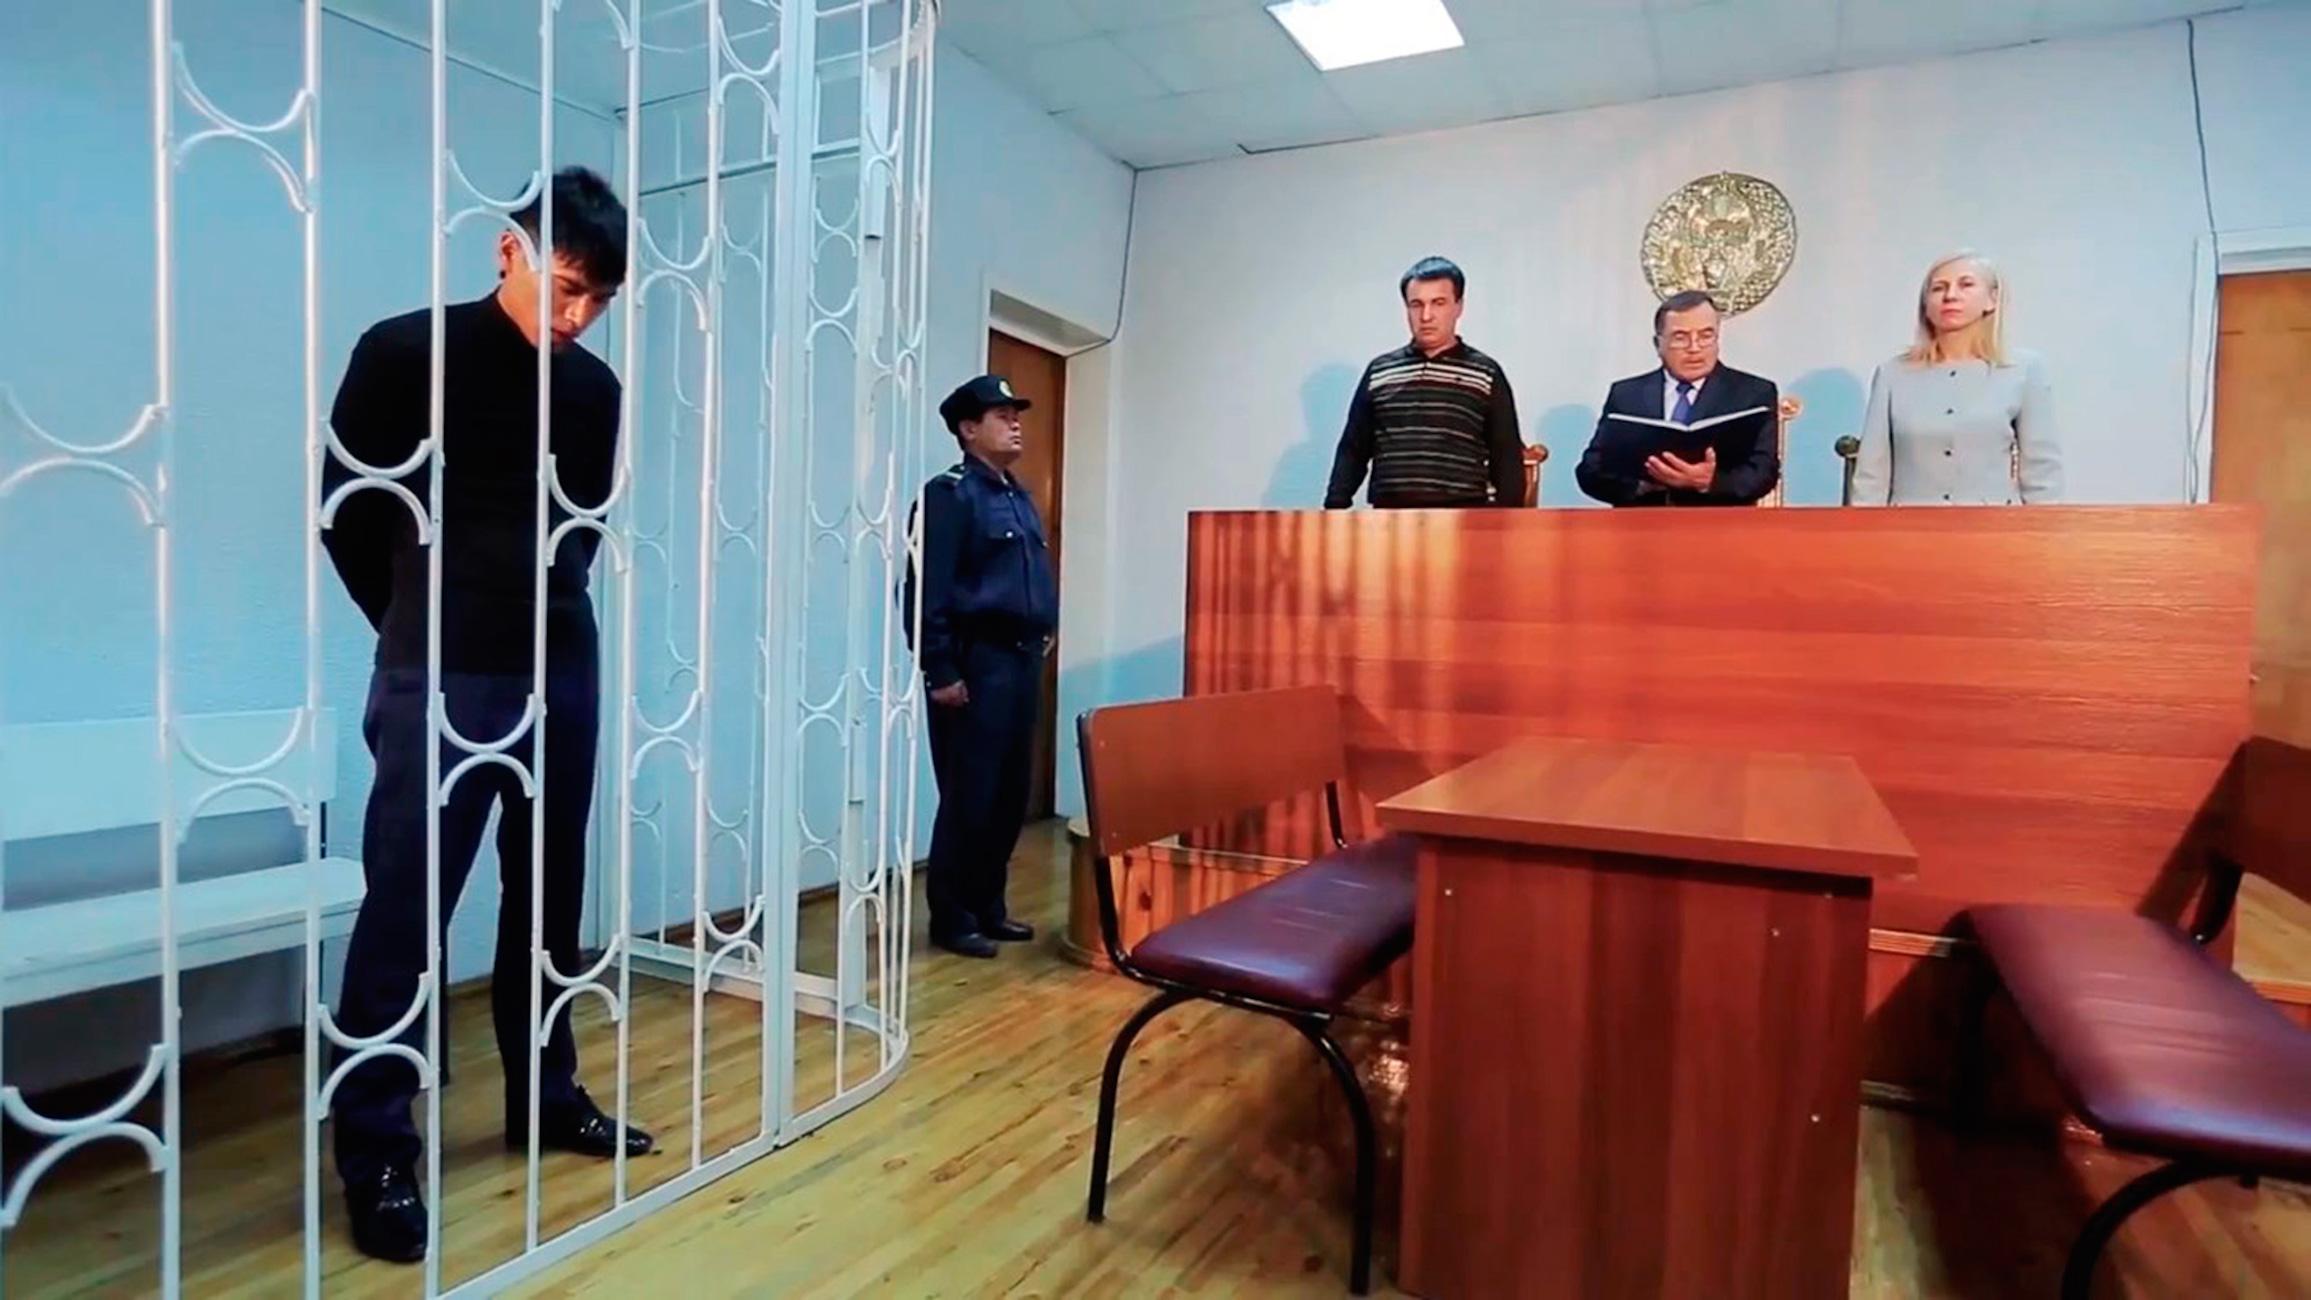 Узбекистан внедряет новую стратегию борьбы с коррупцией